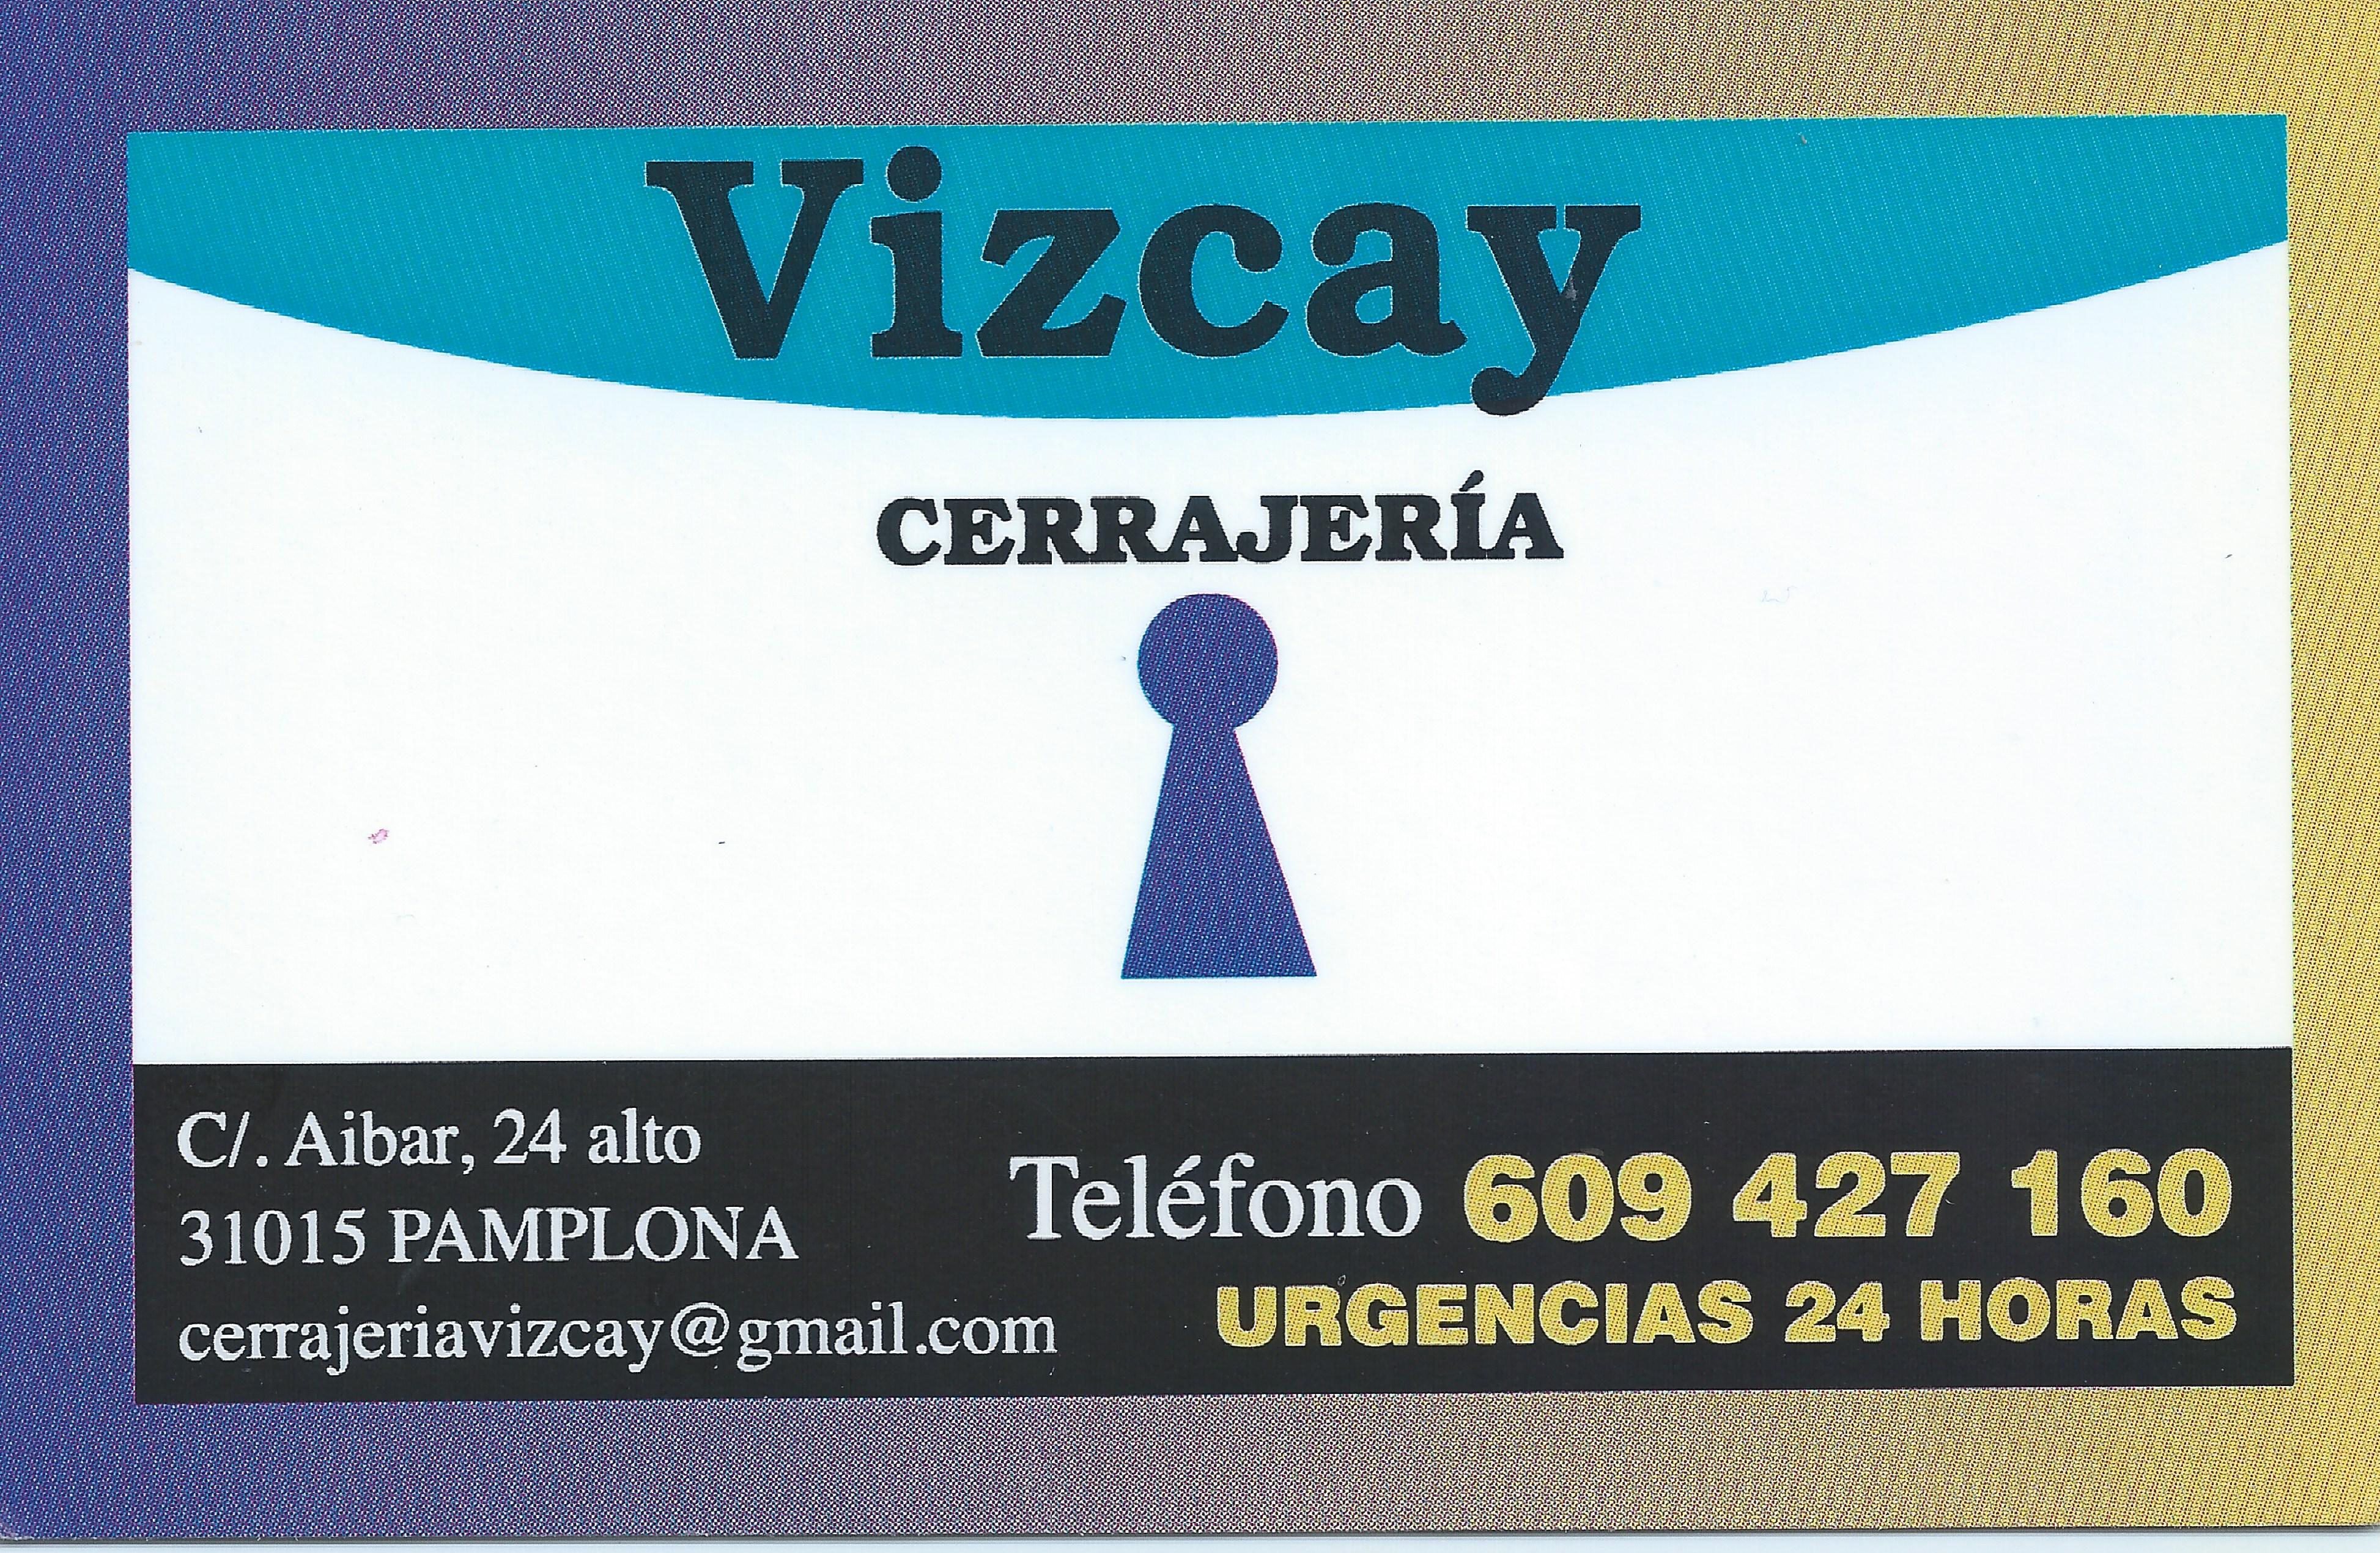 Cerrajeria Vizcay